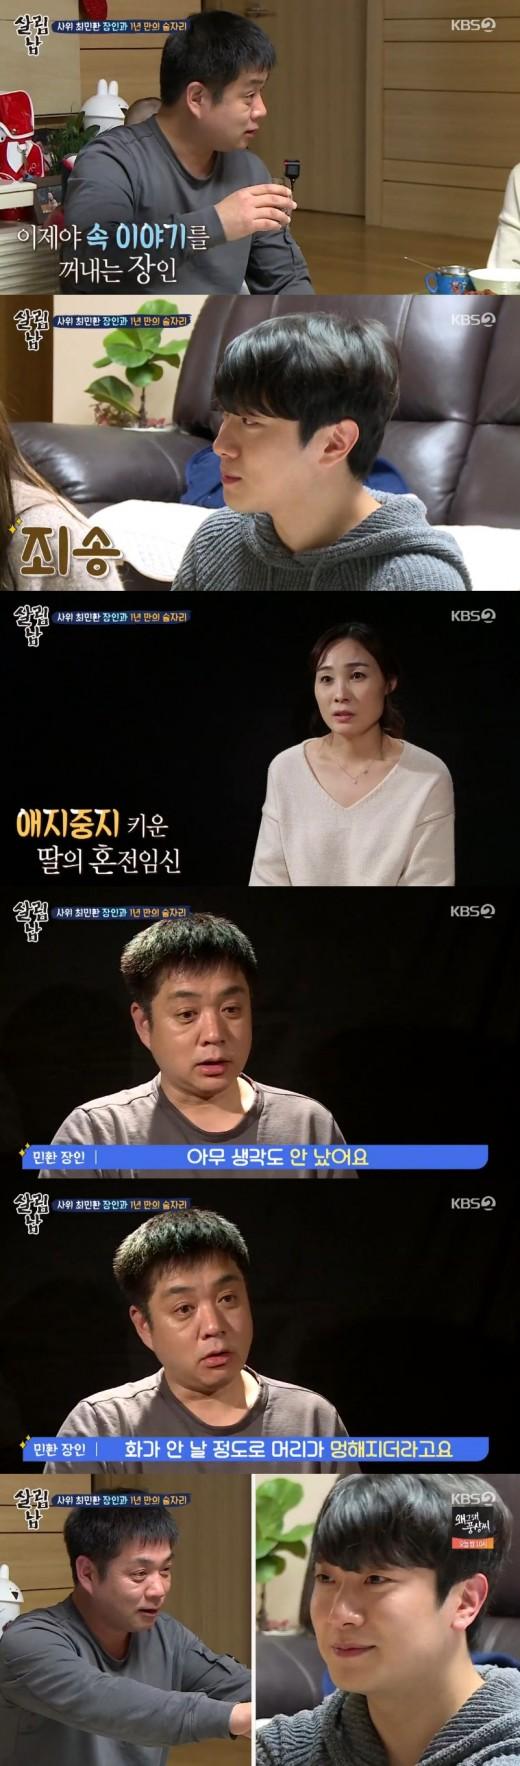 """""""22세 딸의 혼전임신""""... '살림남' 율희 父, 최민환이 불편한 이유[종합]"""